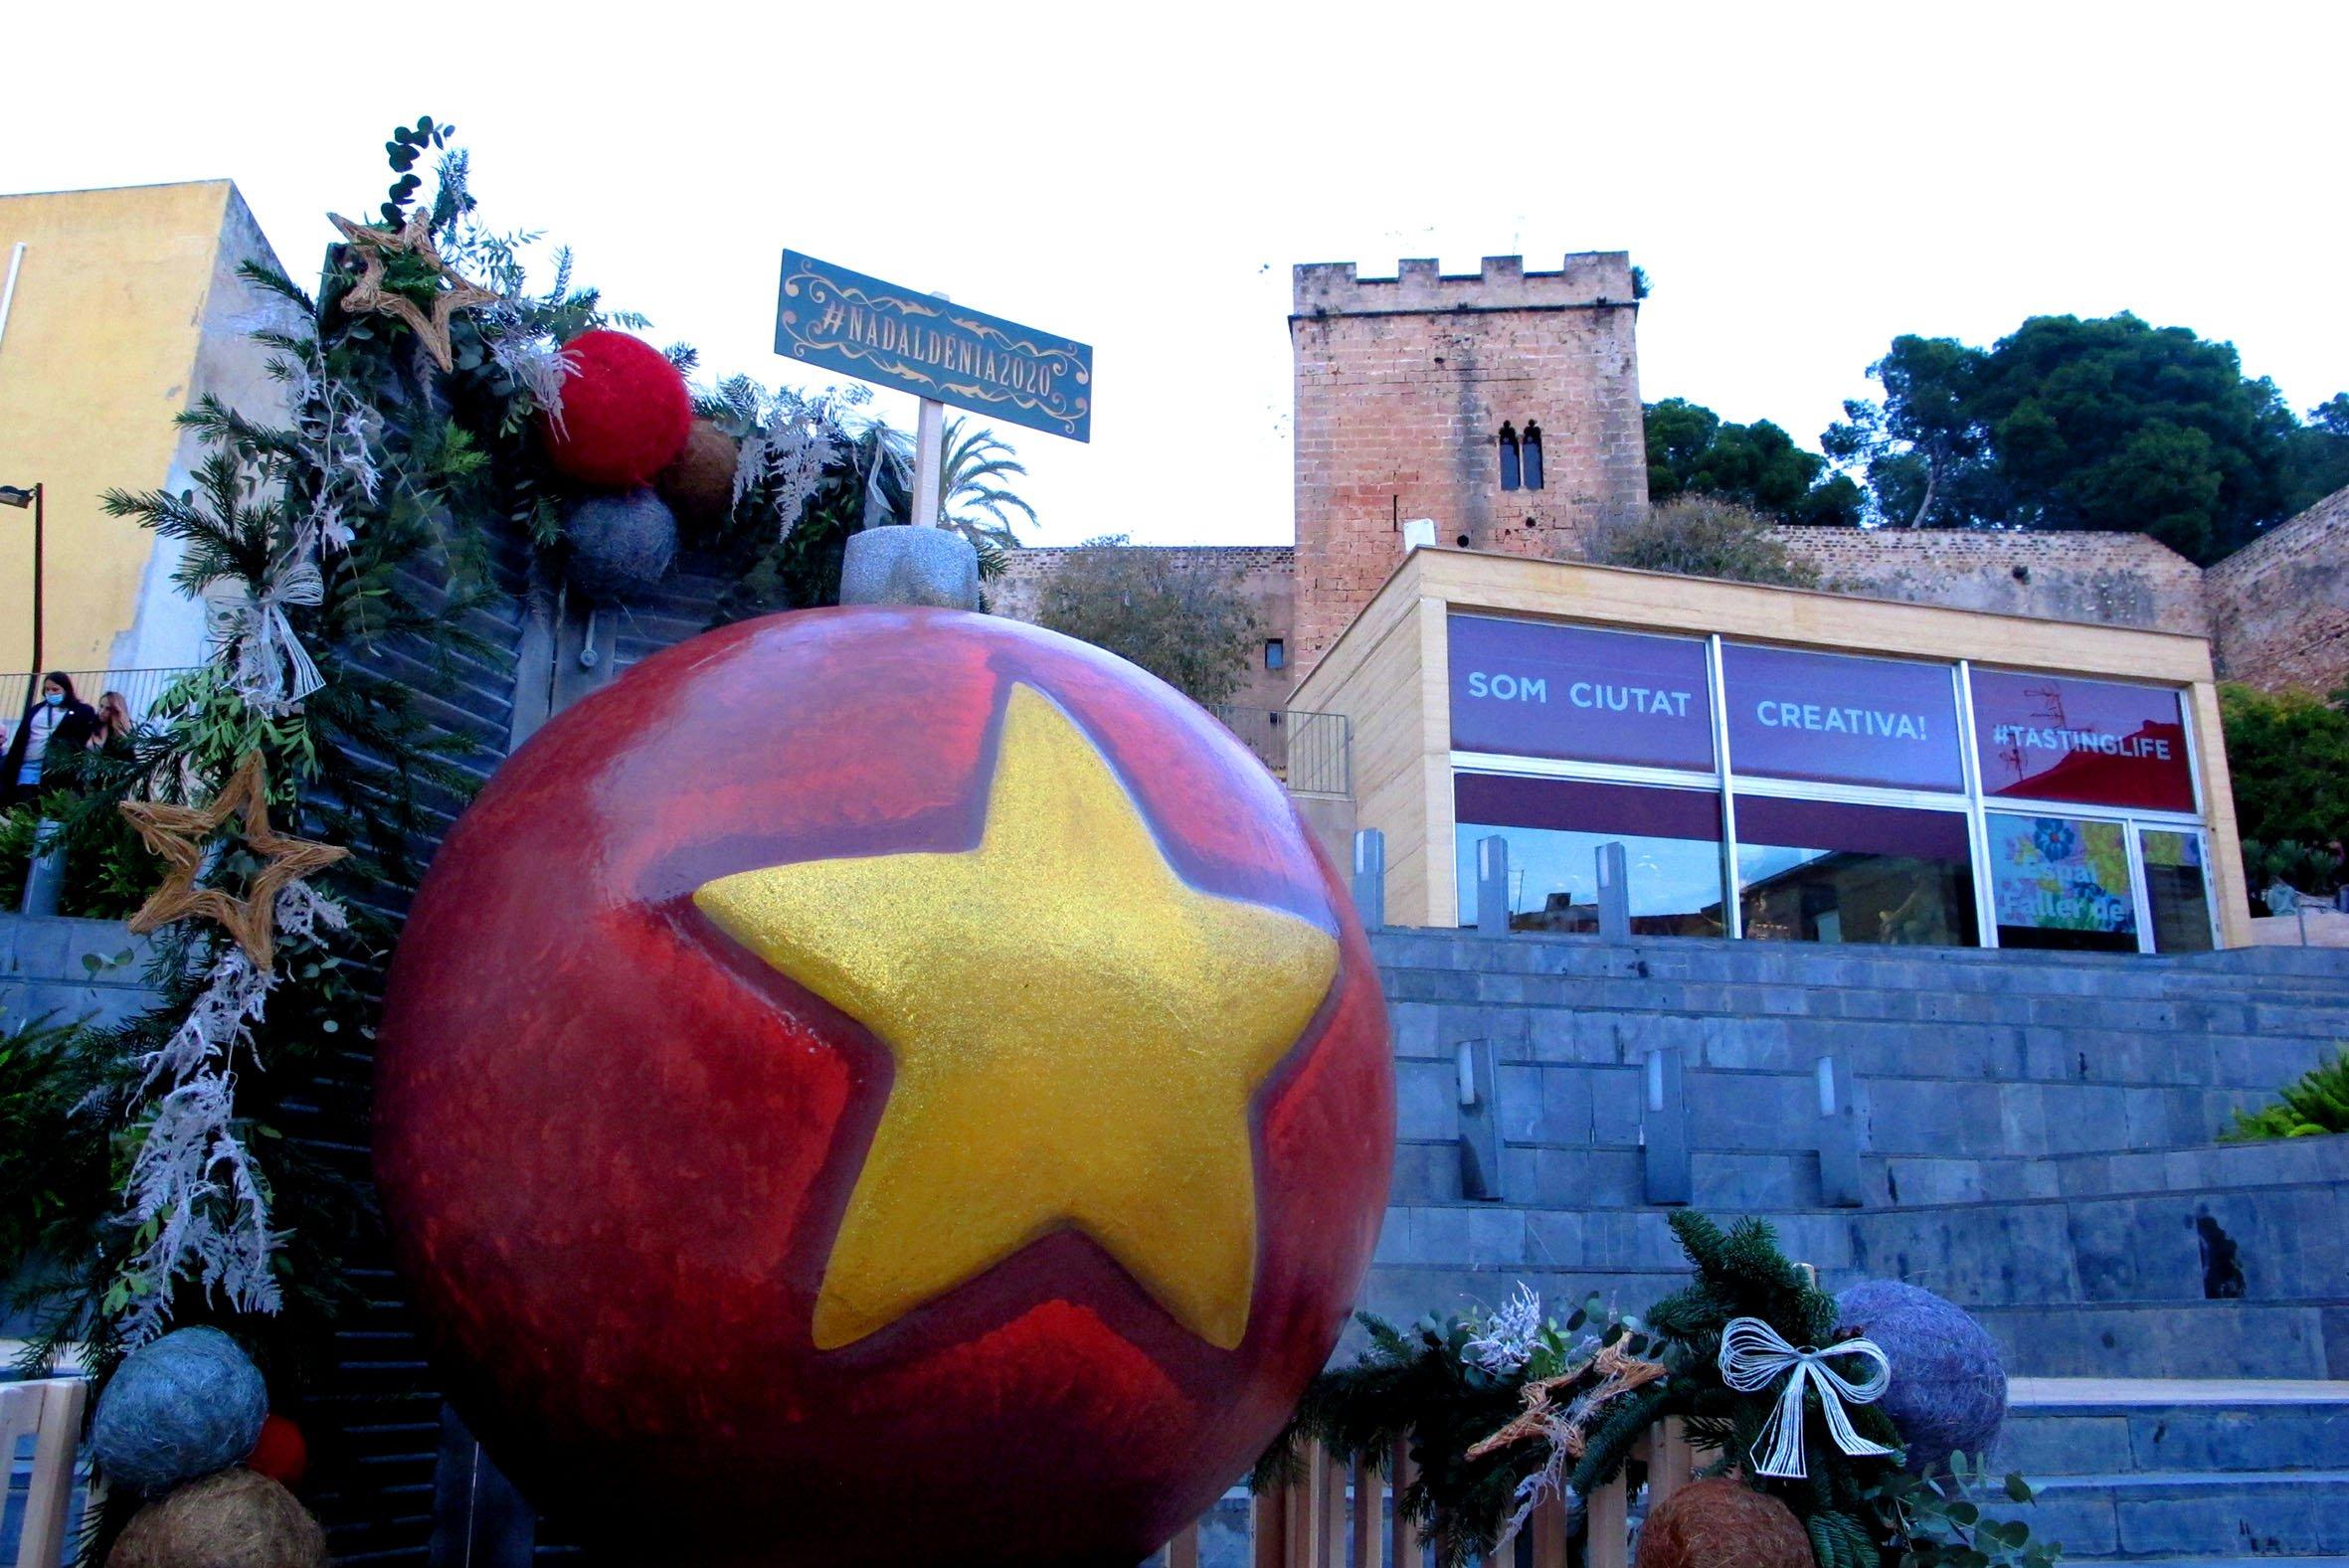 Una gran bola de árbol de Navidad luce en la Plaza del Consell